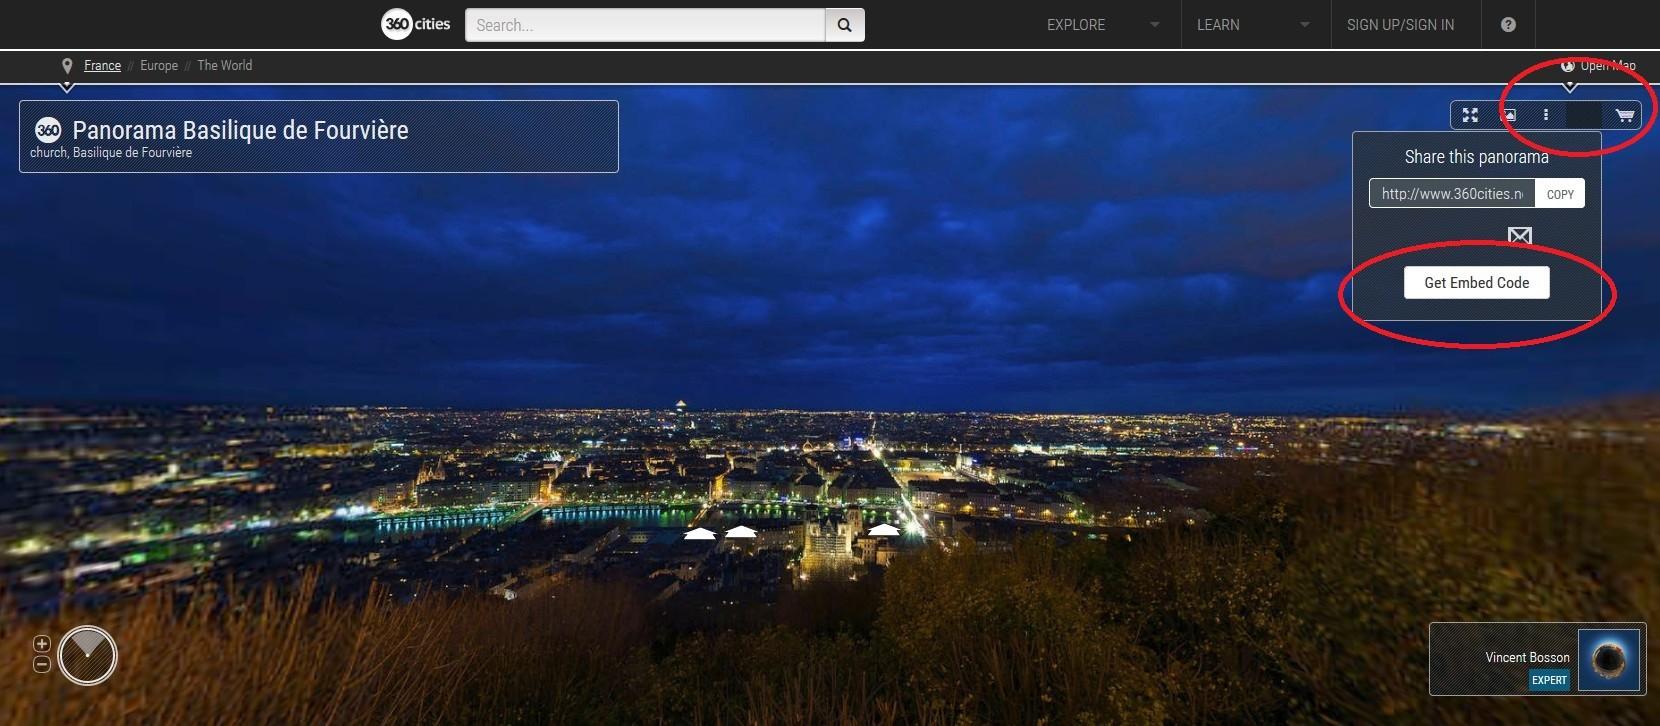 Photos 360° cities : comment les insérer dans un post??? [Astuces du forum] - Page 4 Sans_128